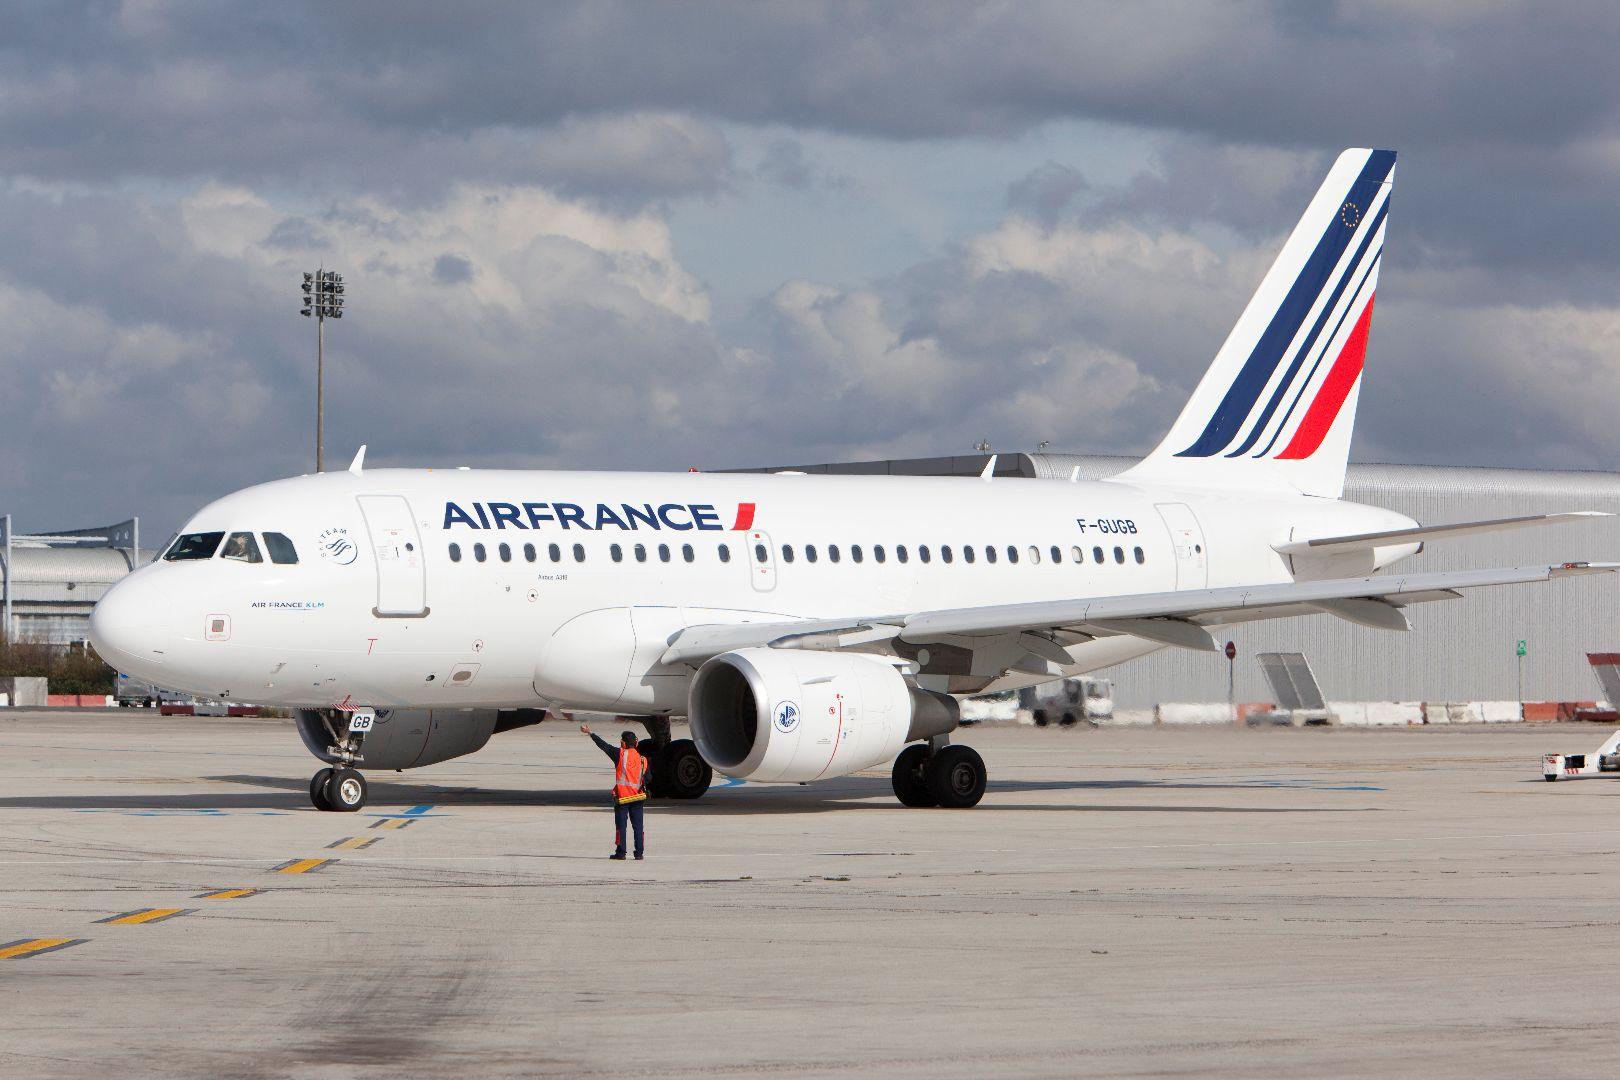 Air france anuncia 2 vuelos directos a costa rica for Vuelos baratos a costa rica